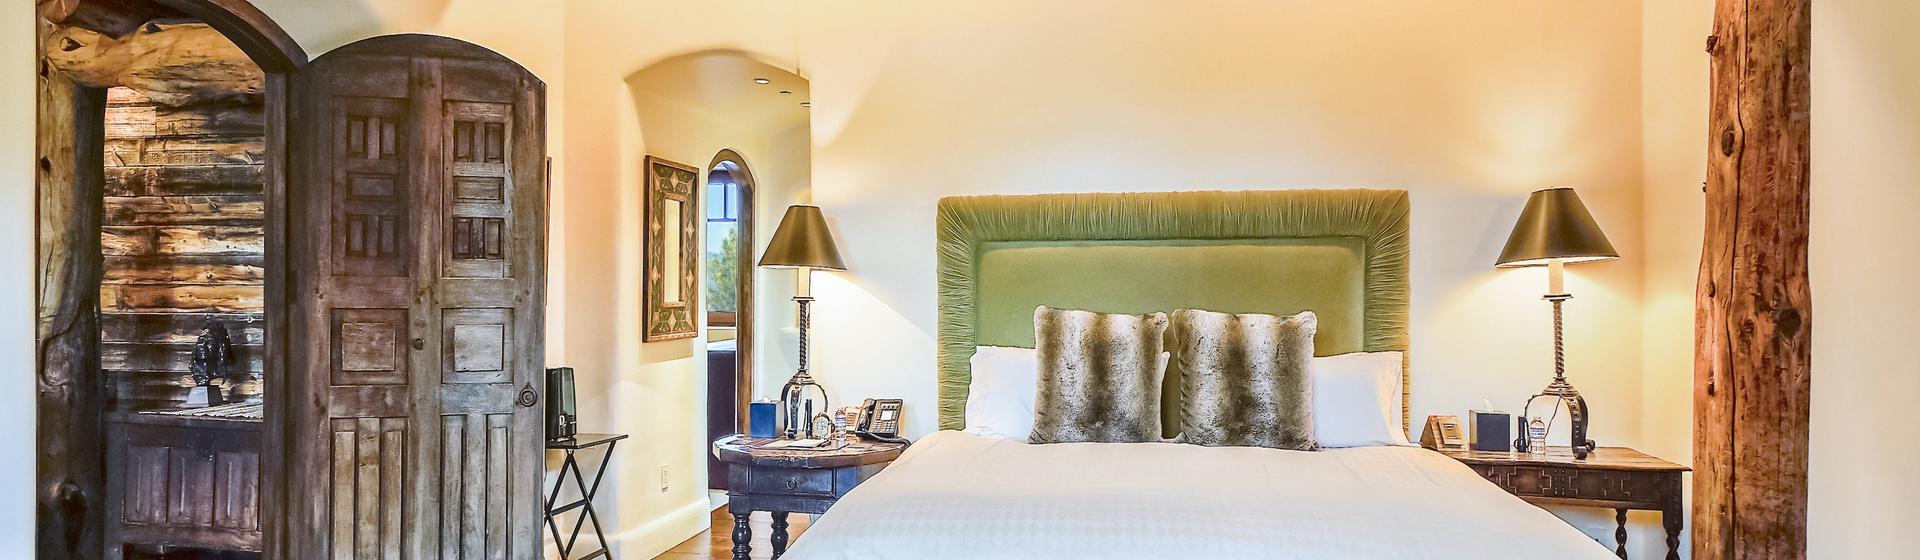 8.7-Telluride-Sleeping-Indian-Ranch-Southwest-Suite-Master-Bedroom-G-3-web.JPG